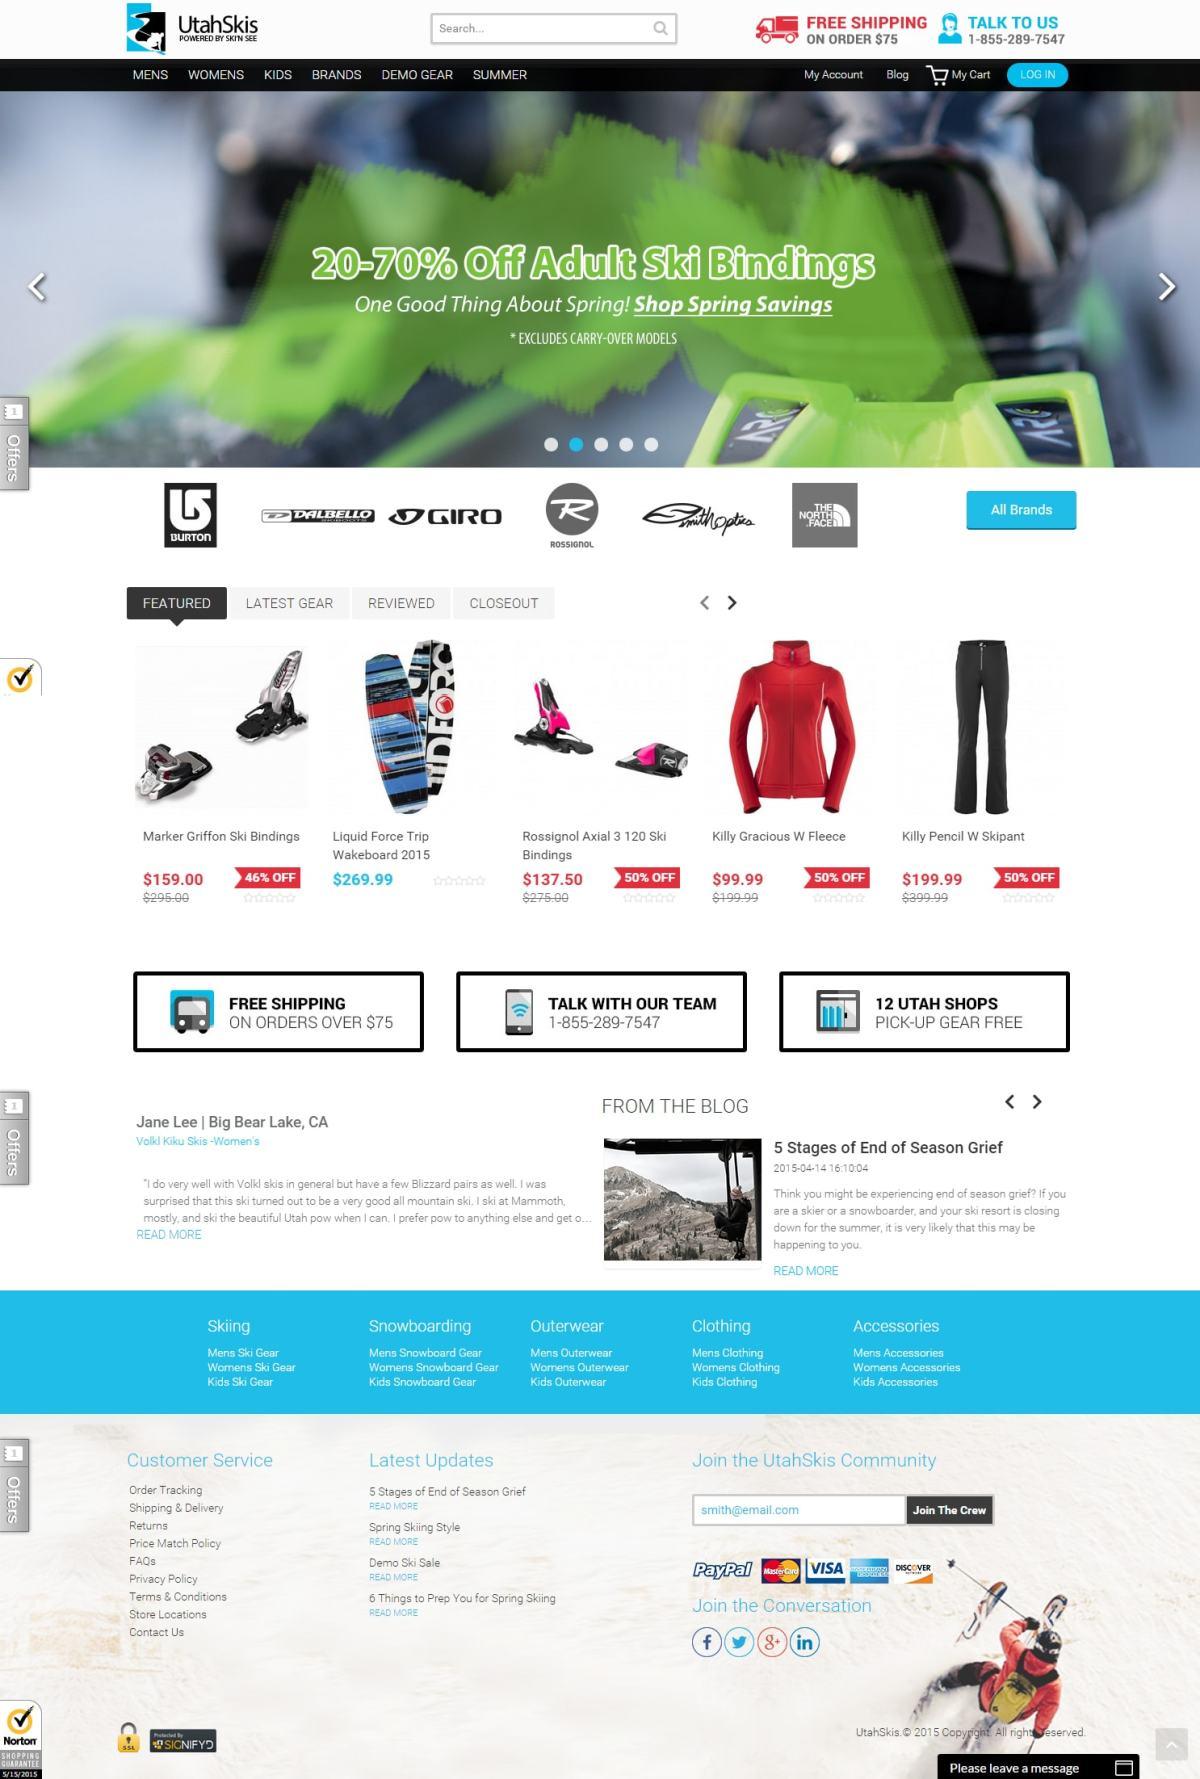 utahskis-ecomm-website